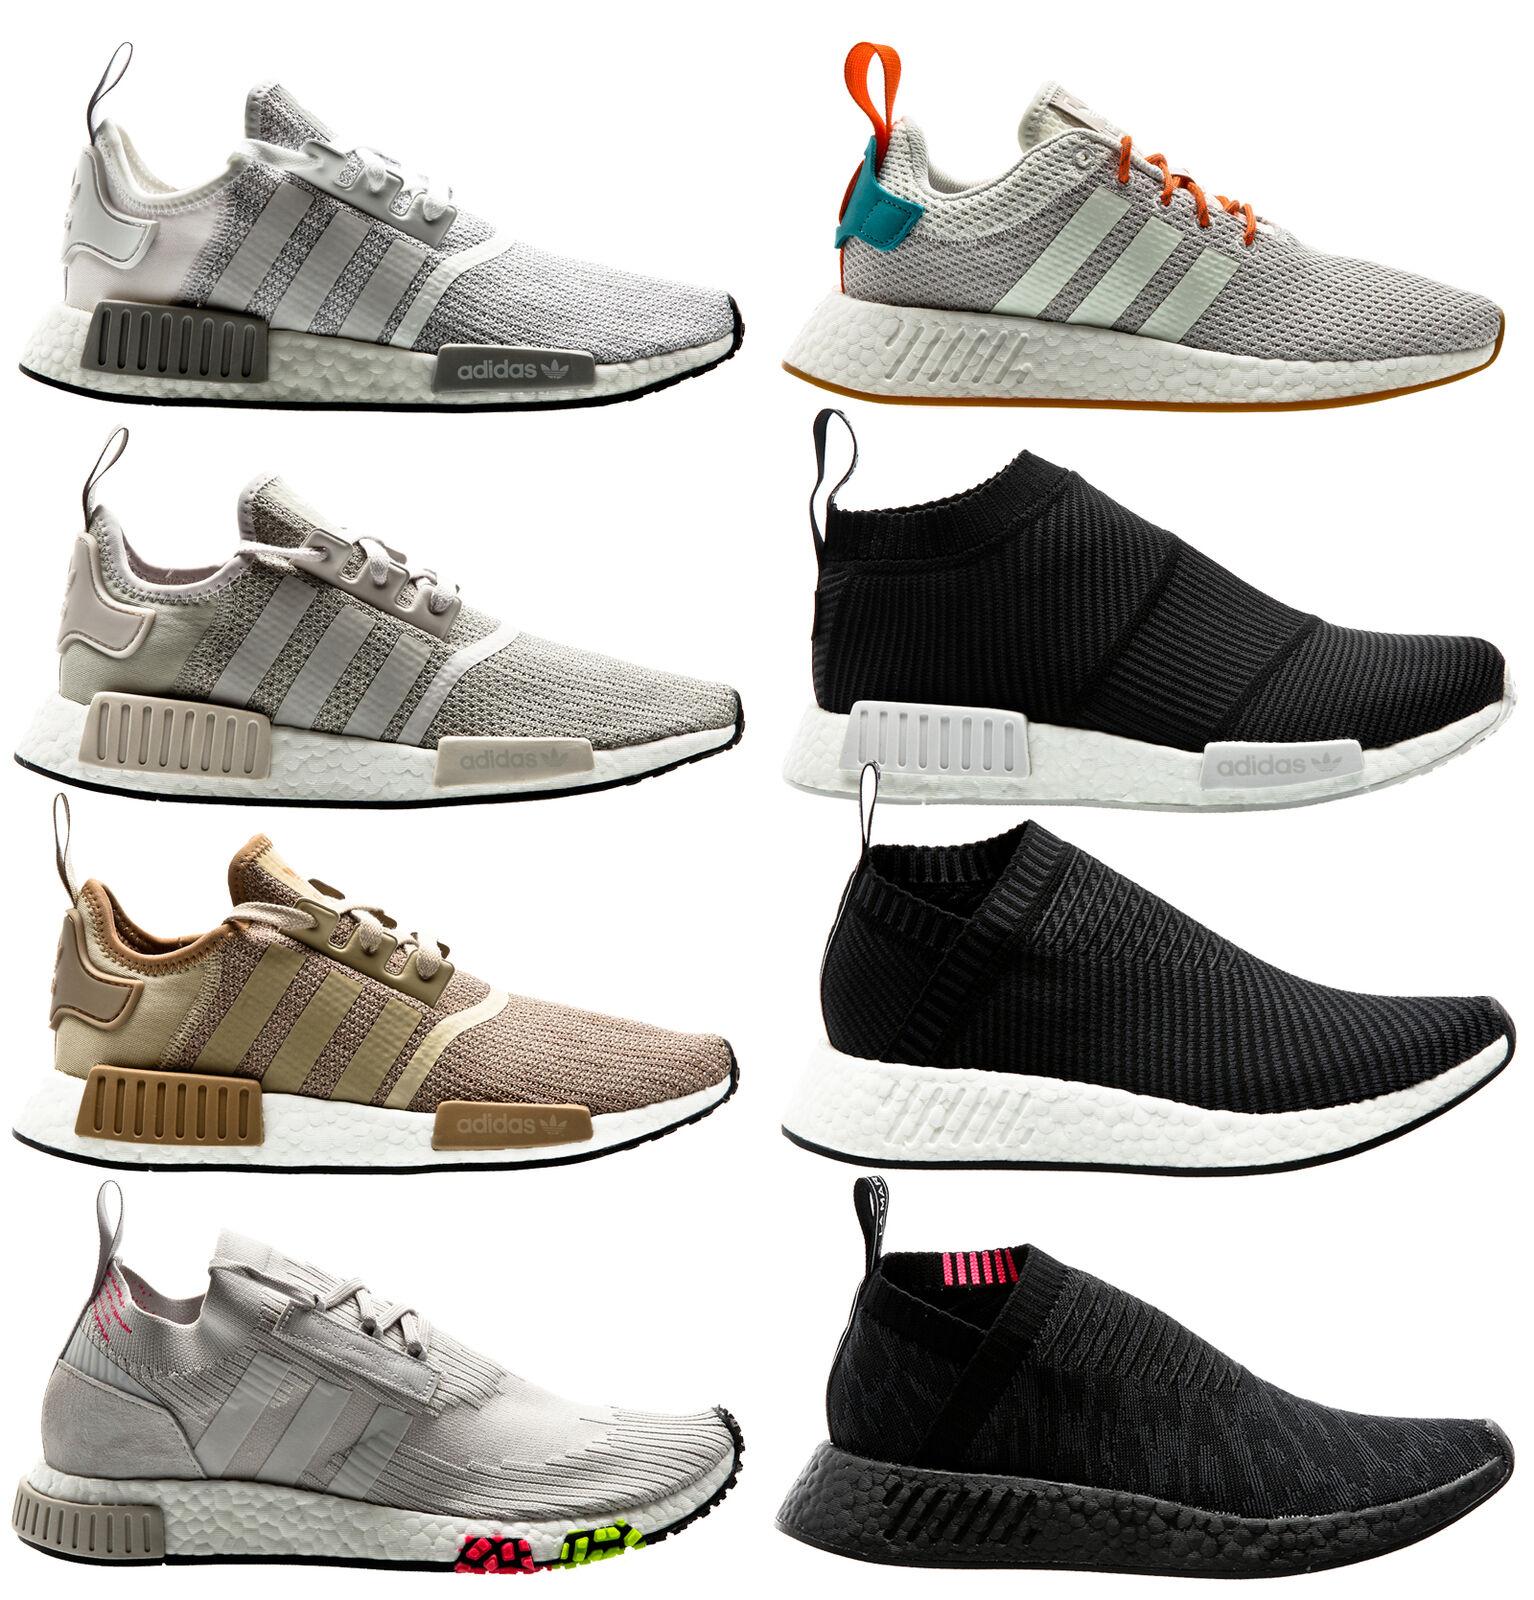 adidas Originals NMD TS1 CS1 GTX R1 R2 Racer Sneaker Herren Schuhe